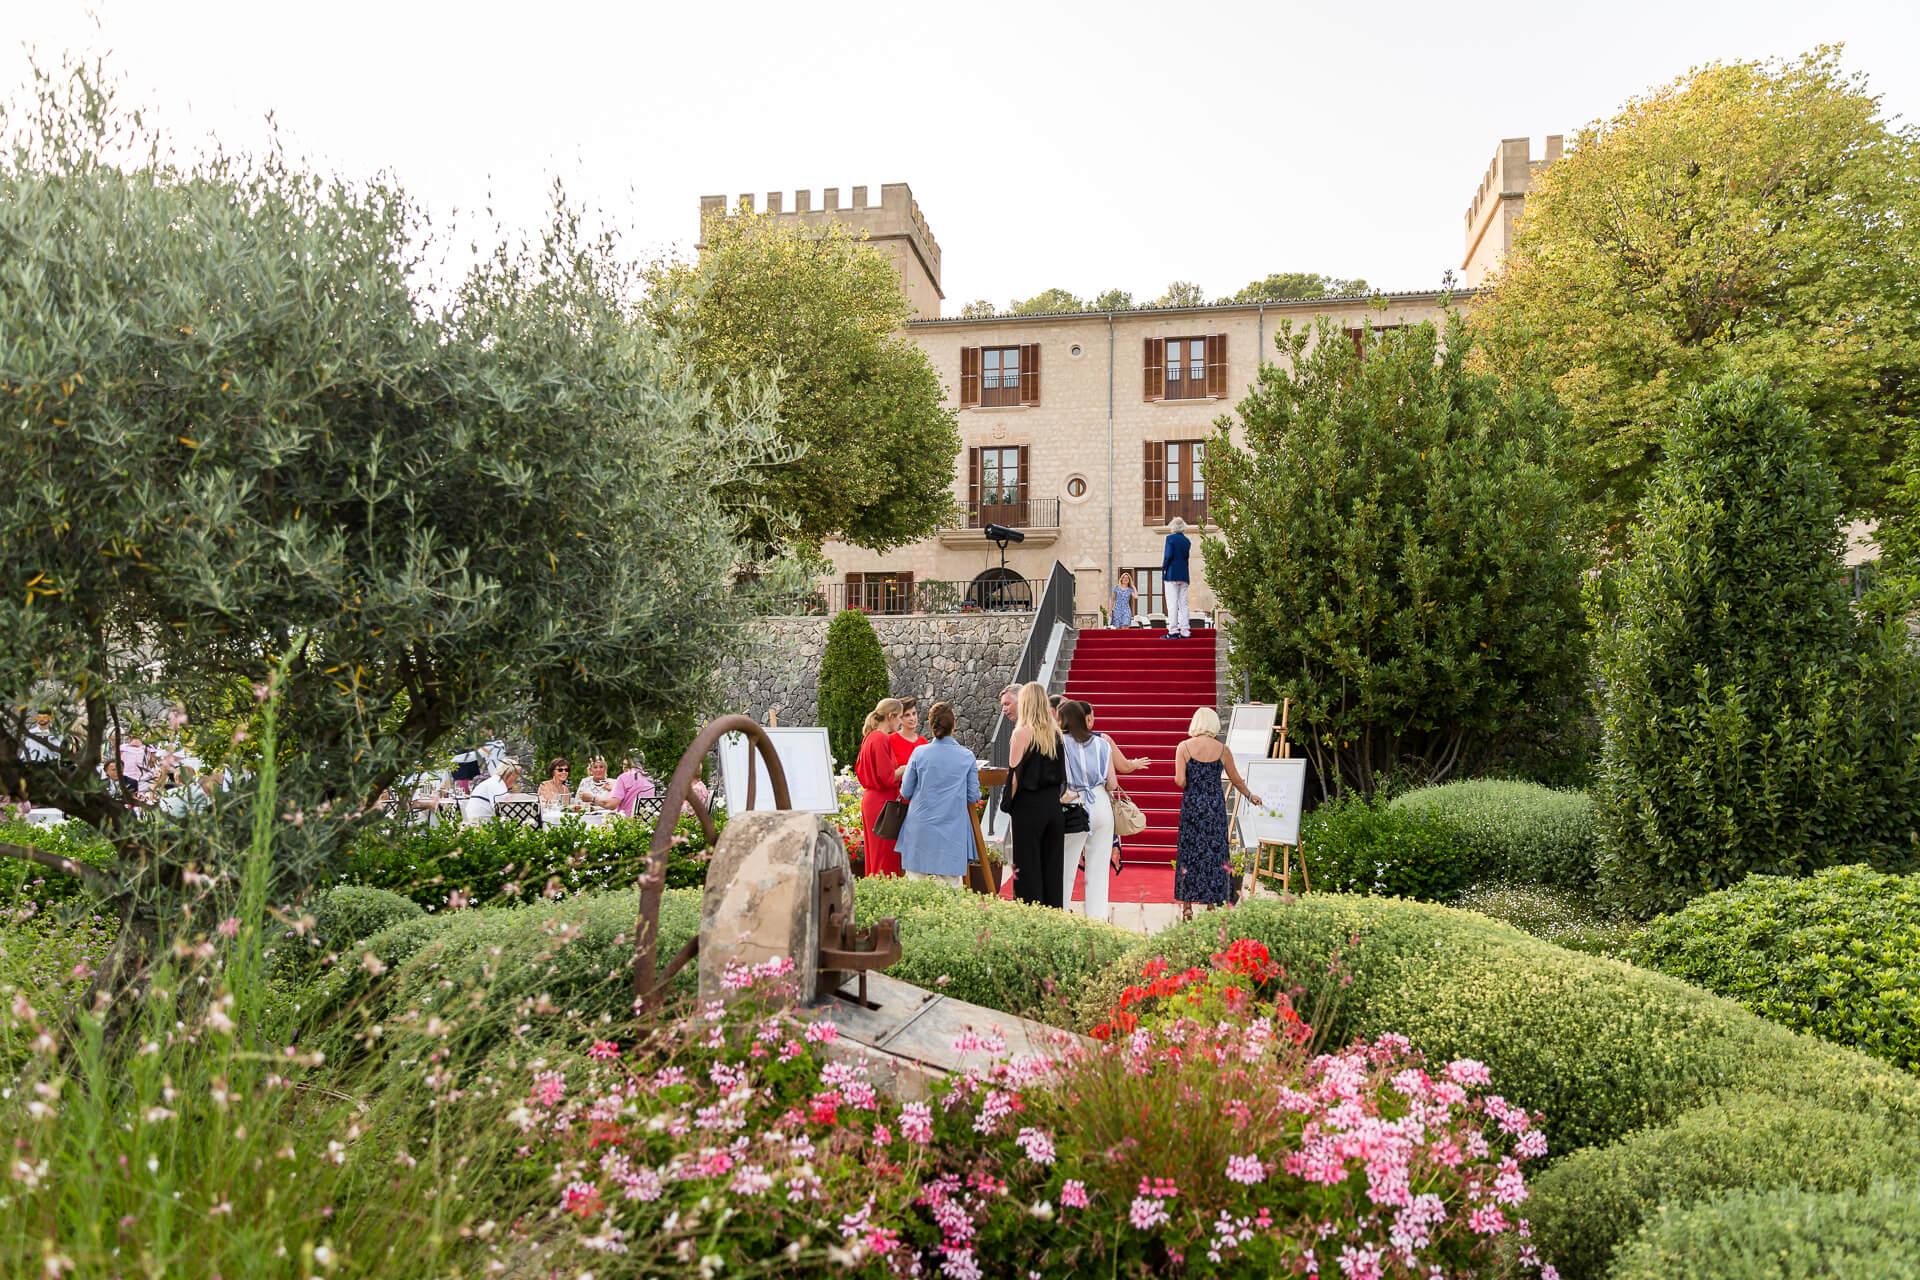 Eventos de lujo en Mallorca, Castell Son Claret (3)